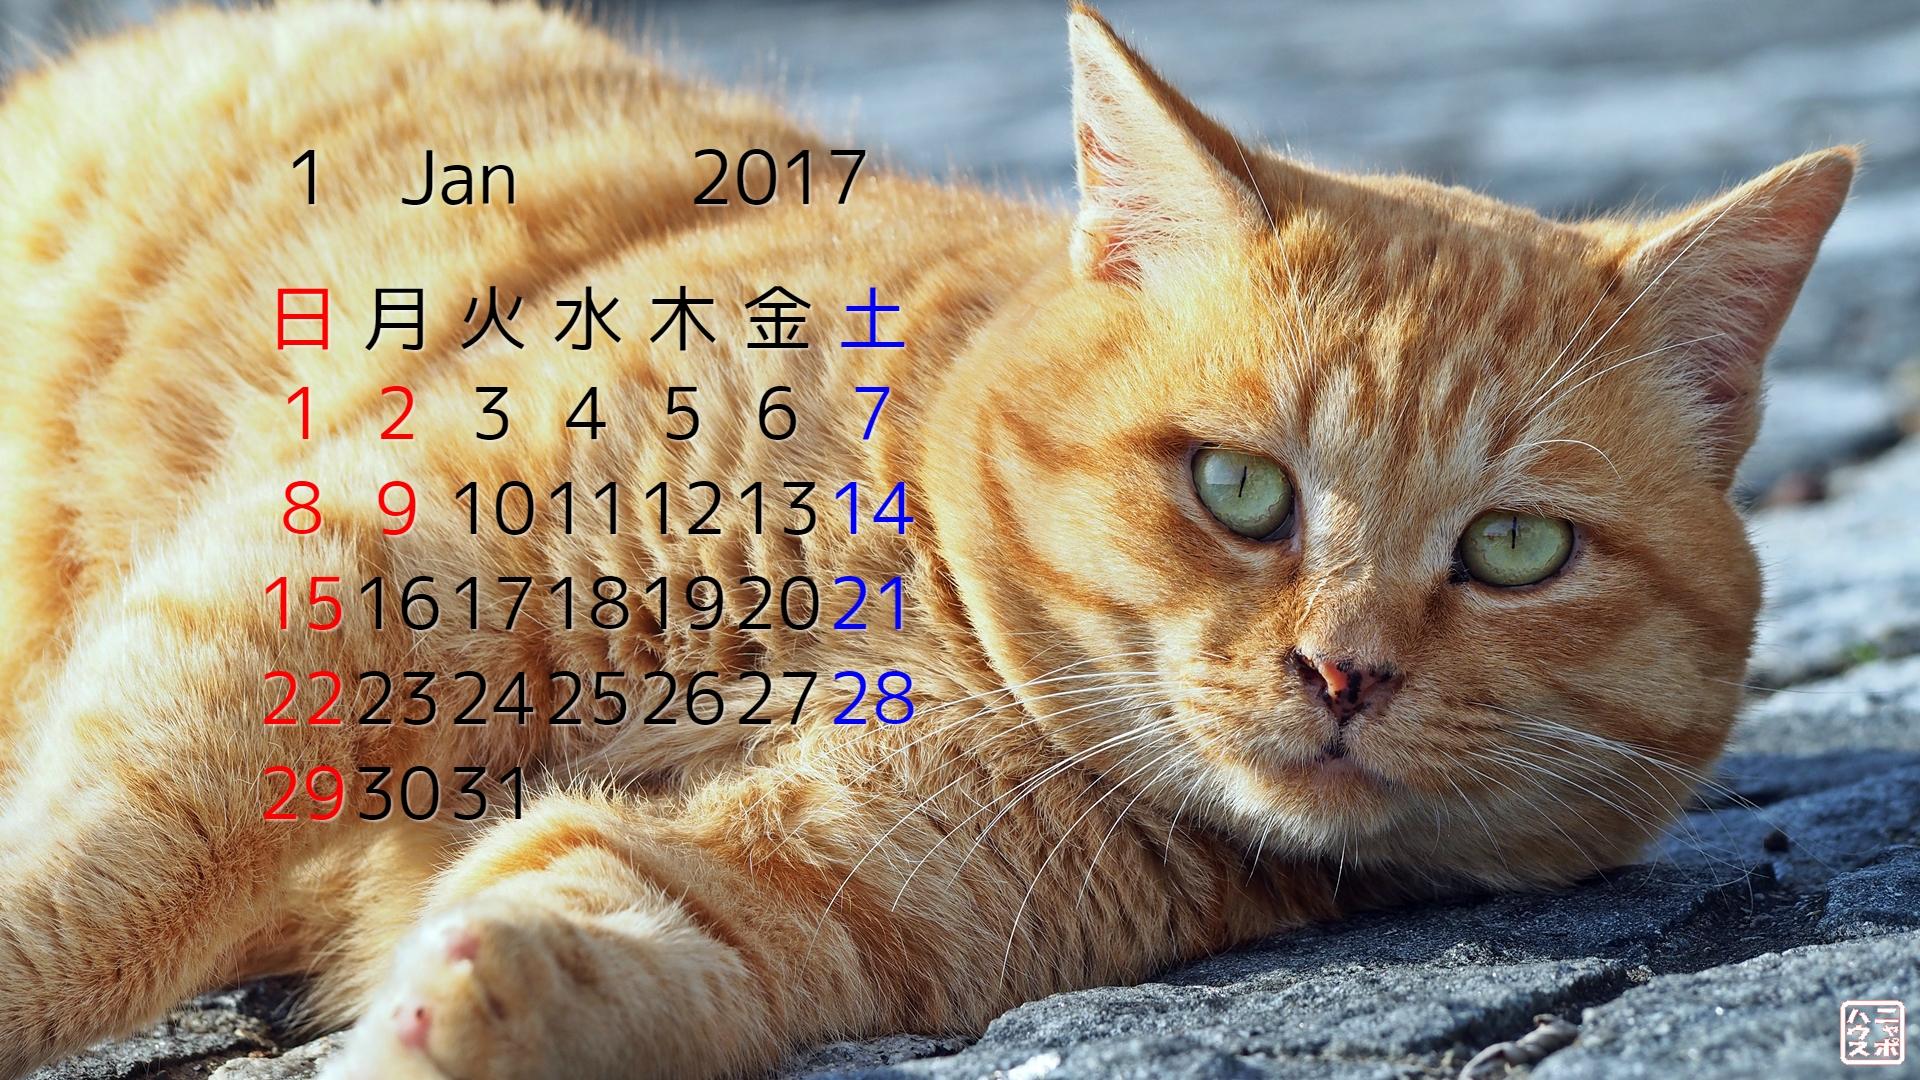 2017年1月 猫デスクトップカレンダー